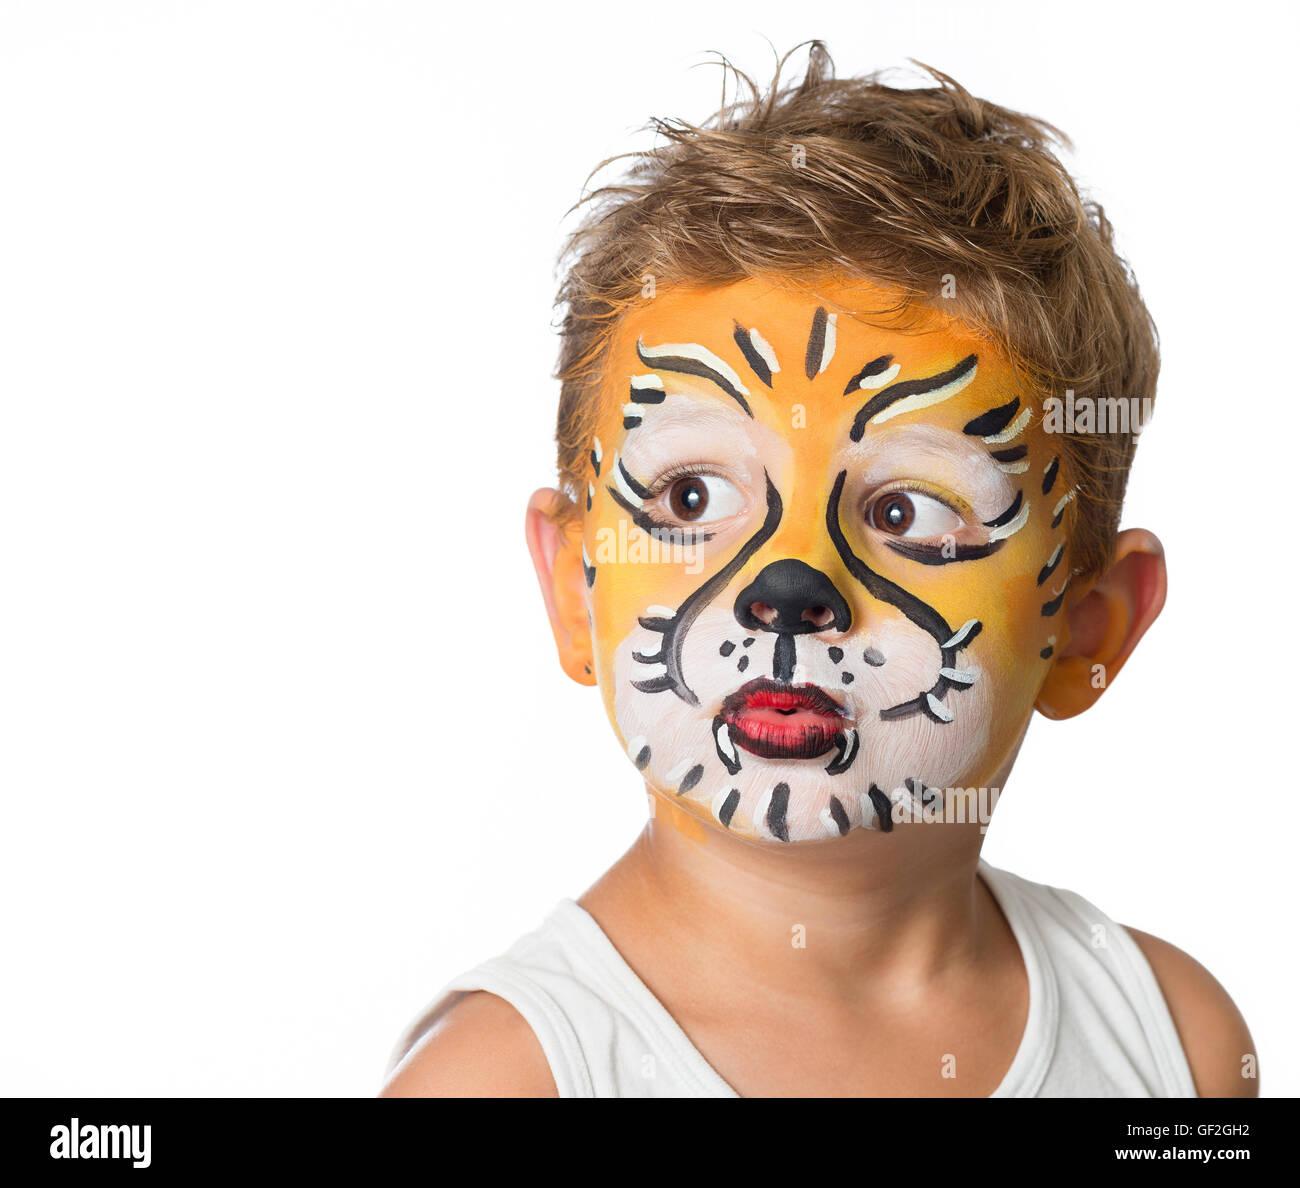 sch ne junge kind mit kinderschminken ein tiger oder ein. Black Bedroom Furniture Sets. Home Design Ideas